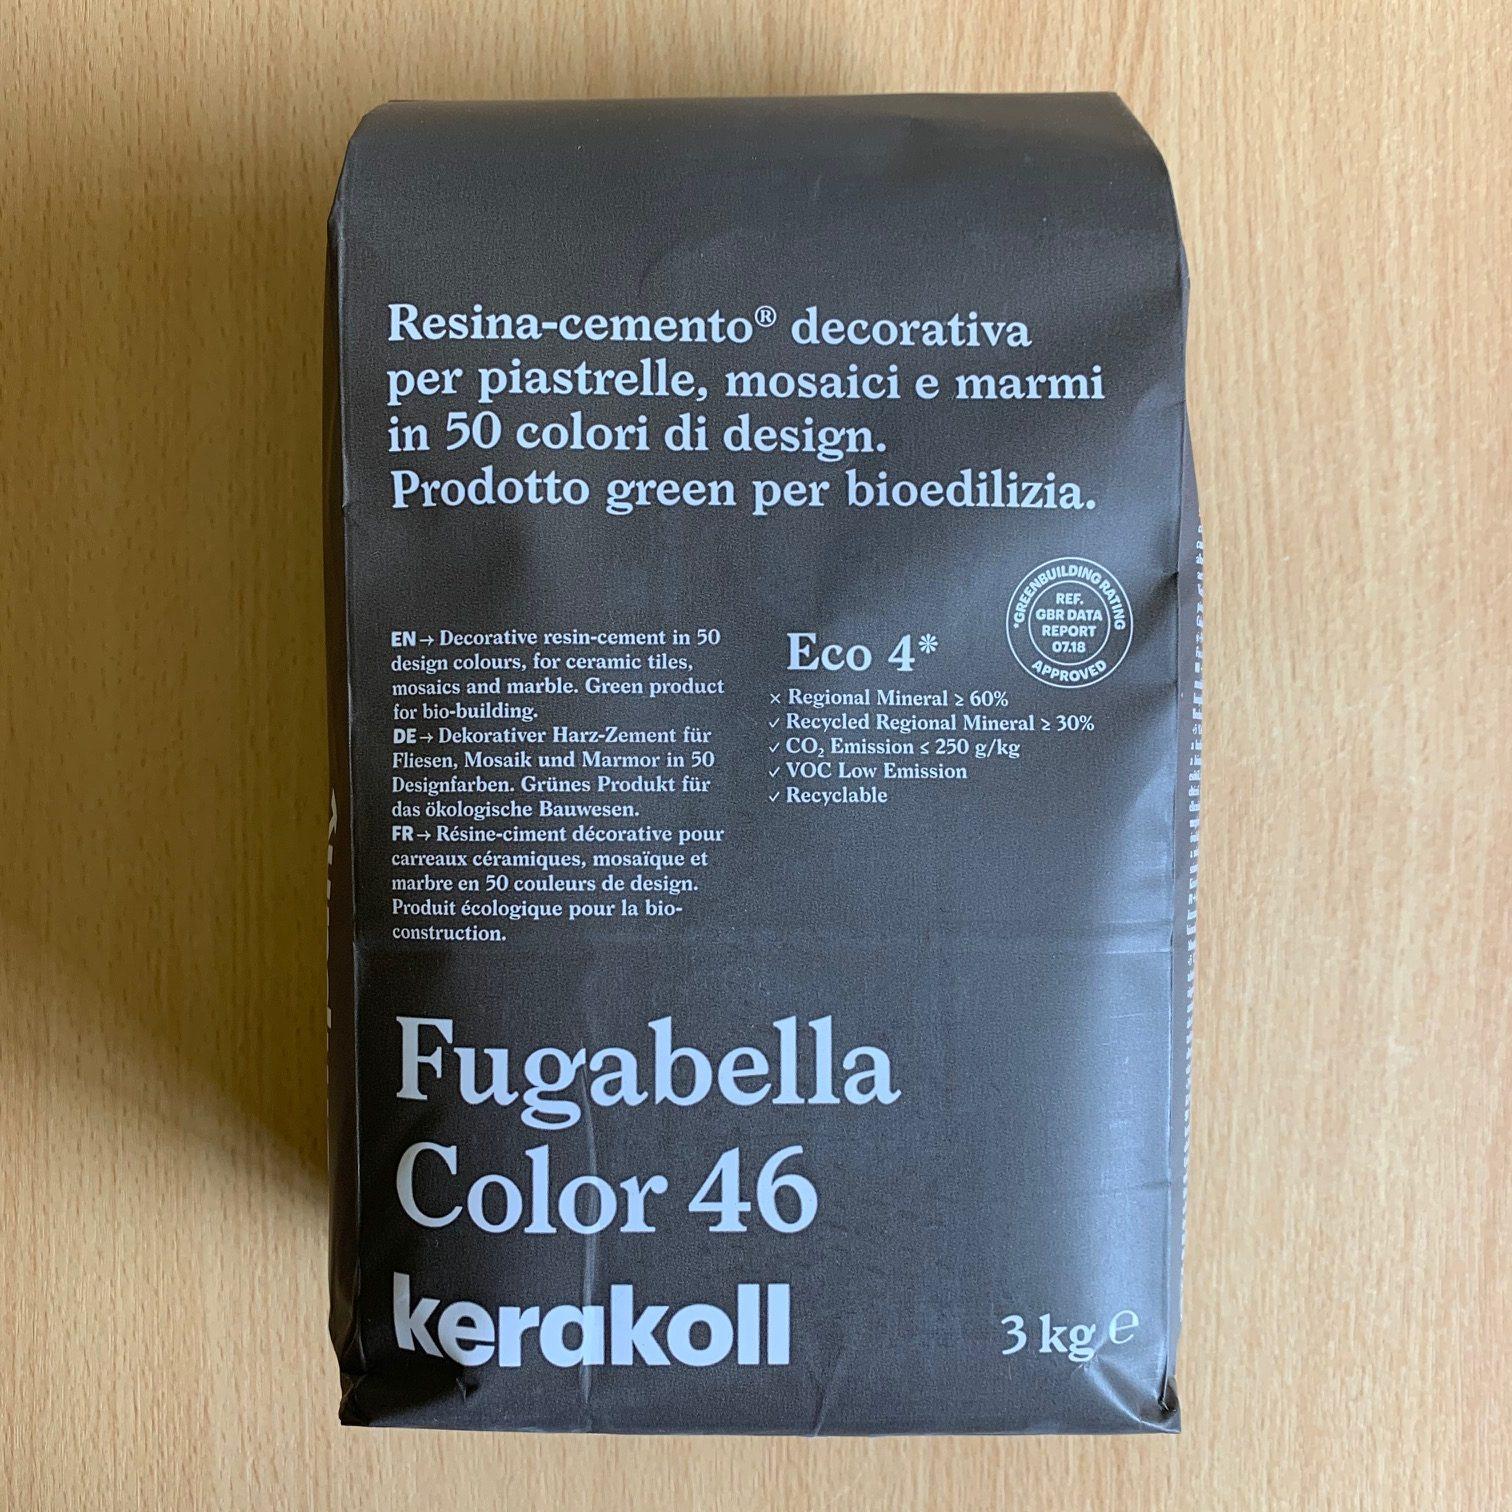 Fugabella Color 46 3kg Kerakoll